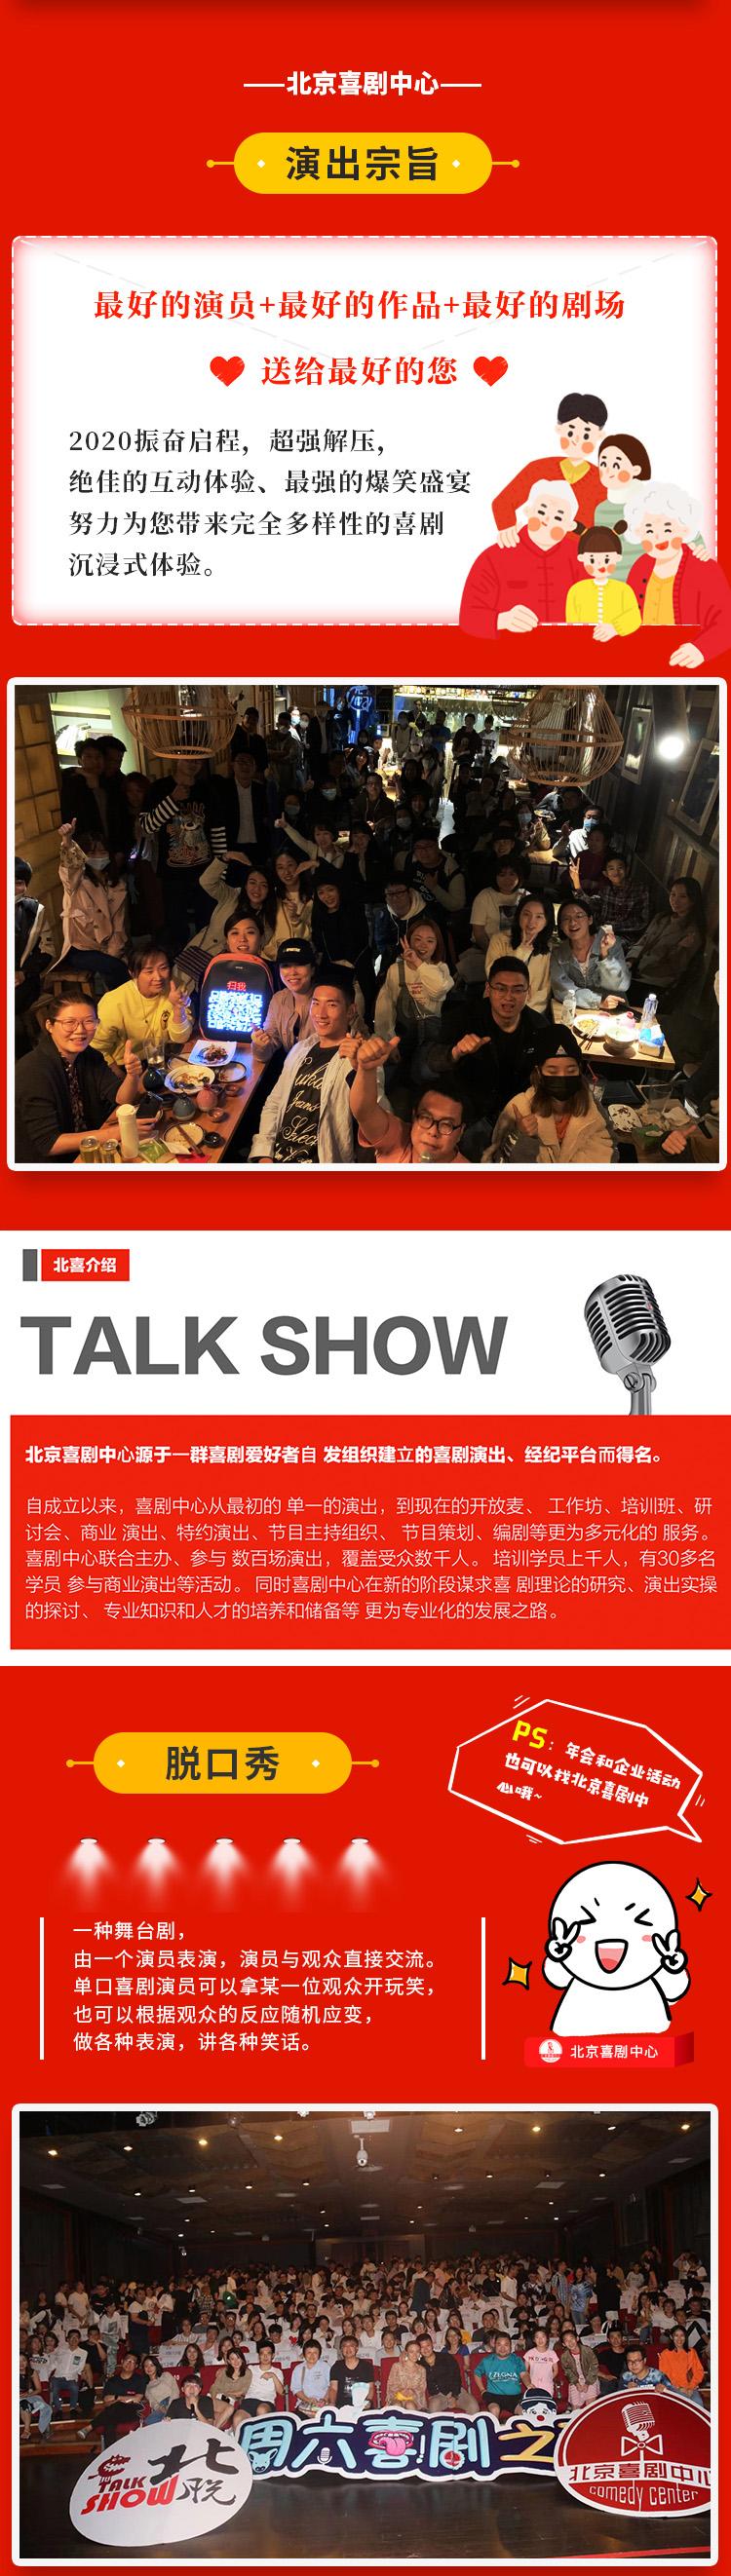 2021【脱口秀专场】超级爆笑盛典X北喜众星云集:喜剧中心--狂欢之夜-北京站